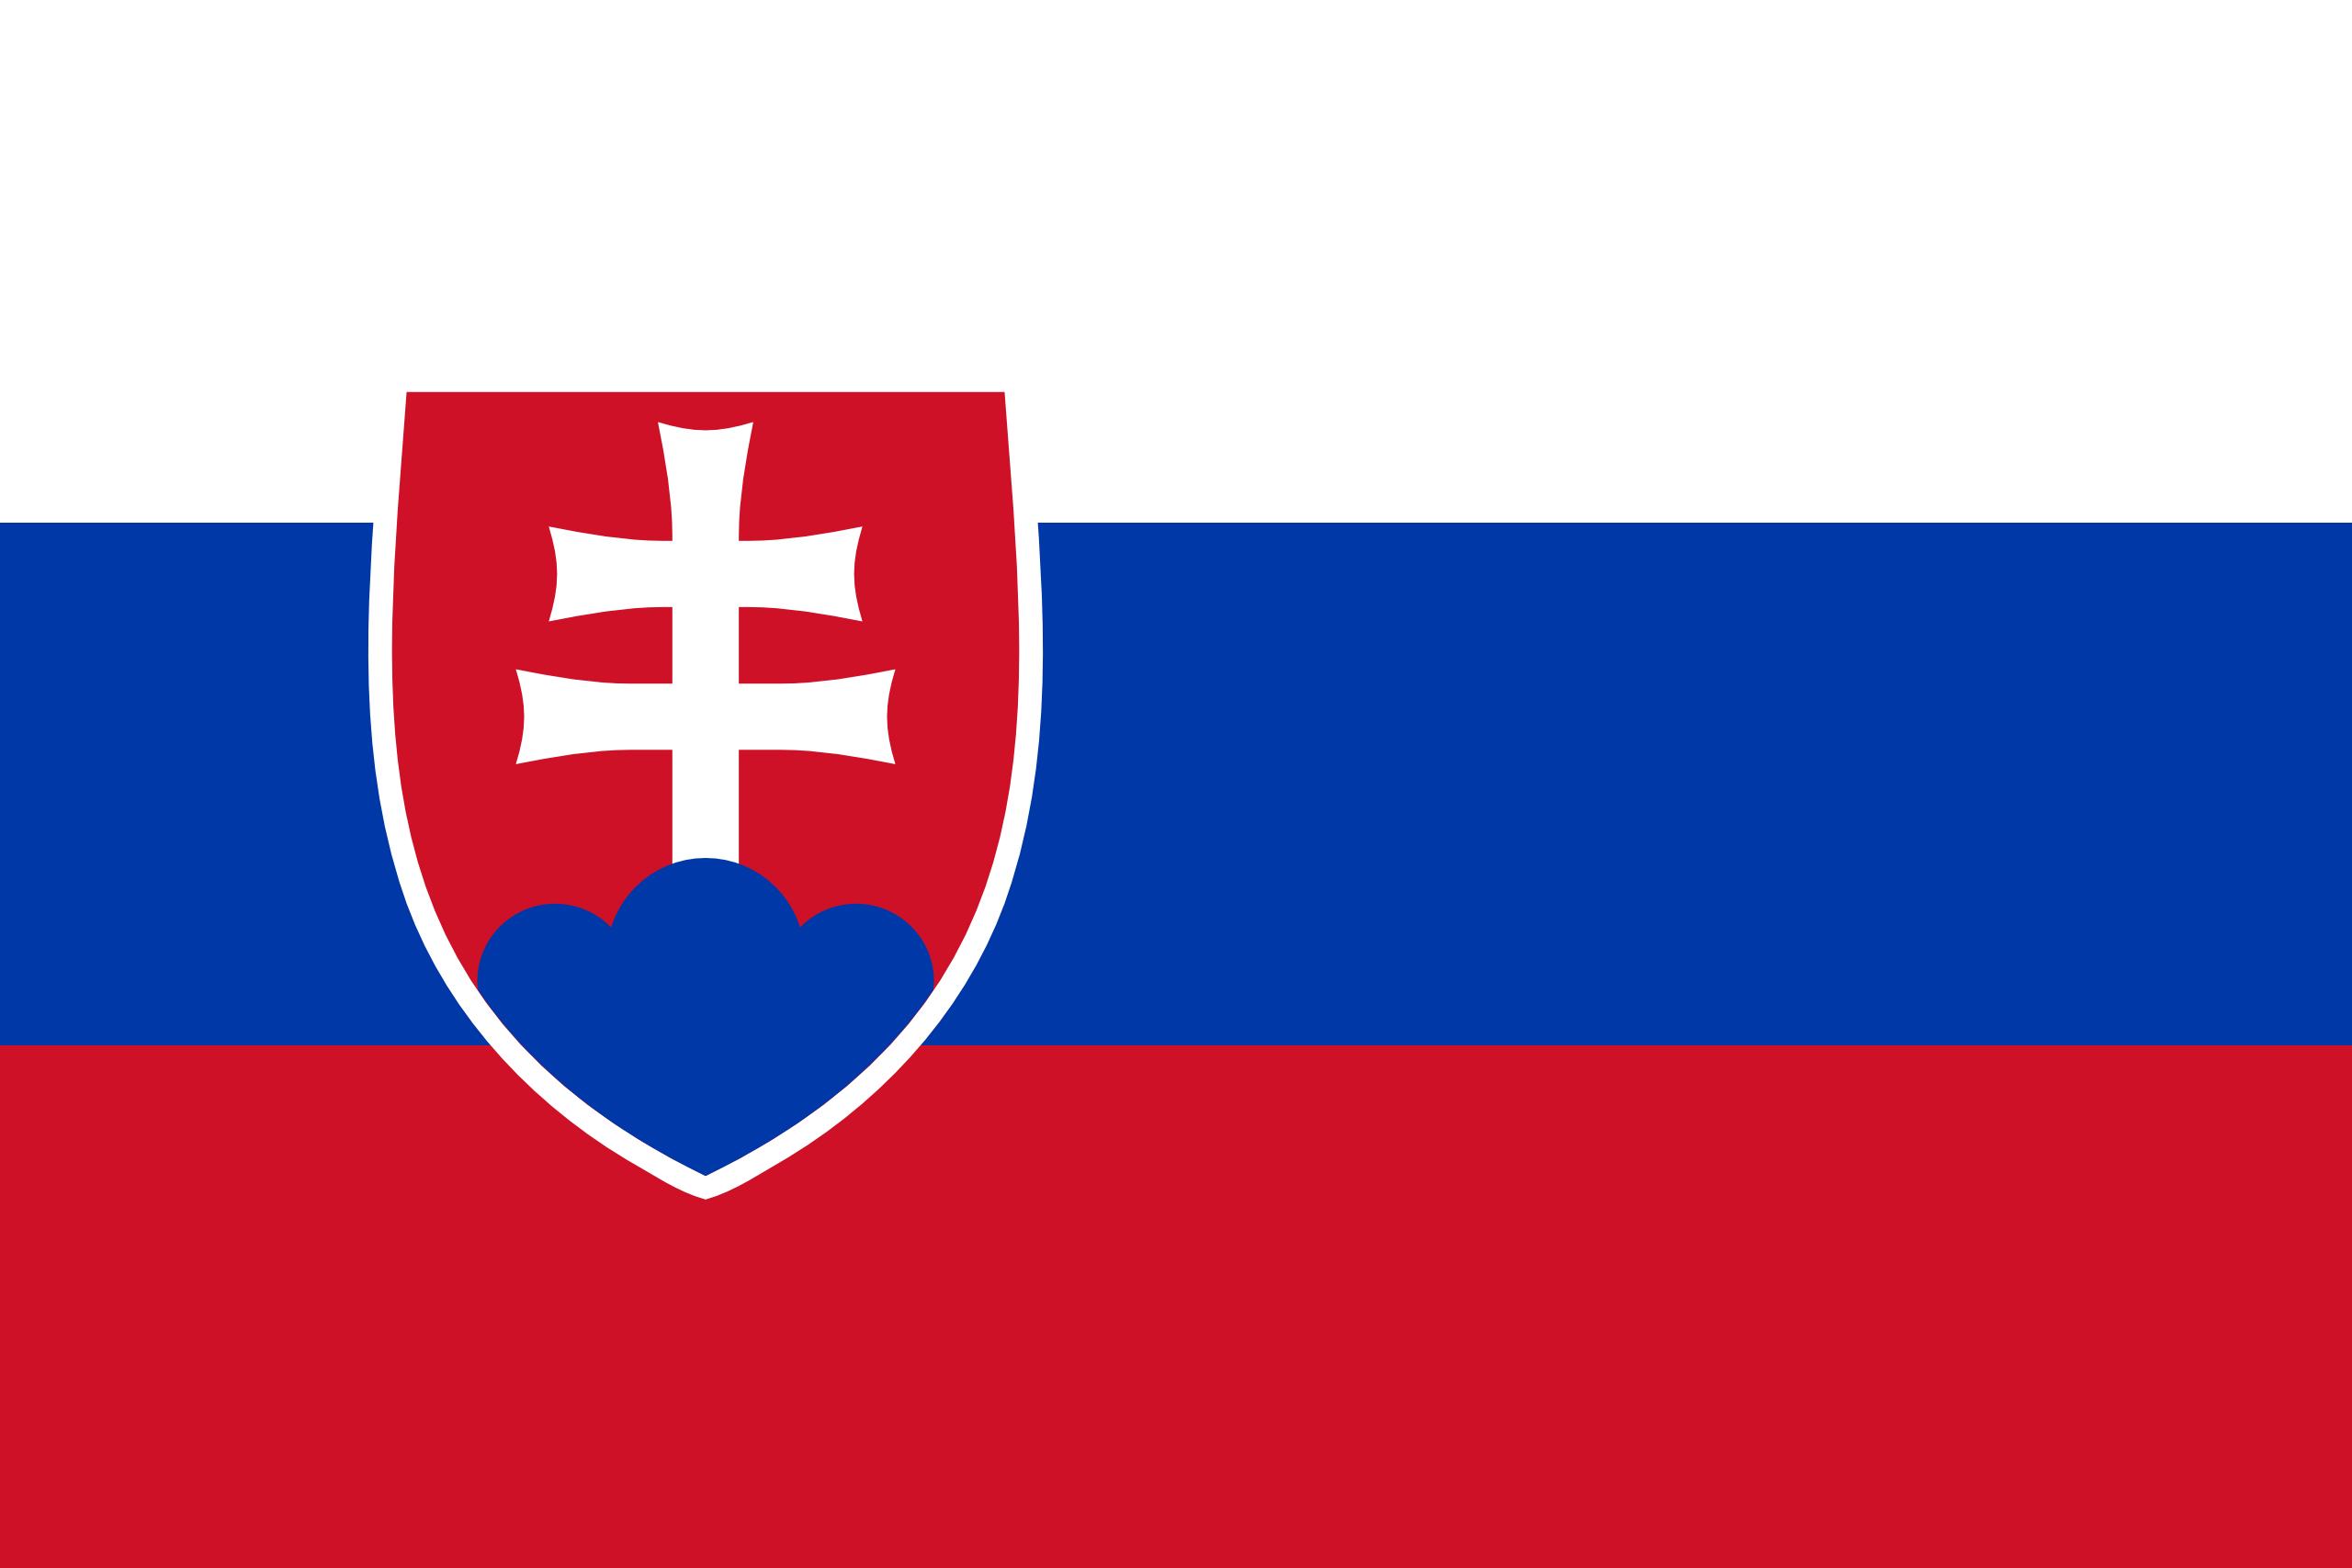 eslovaquia, país, emblema, insignia, σύμβολο - Wallpapers HD - Professor-falken.com